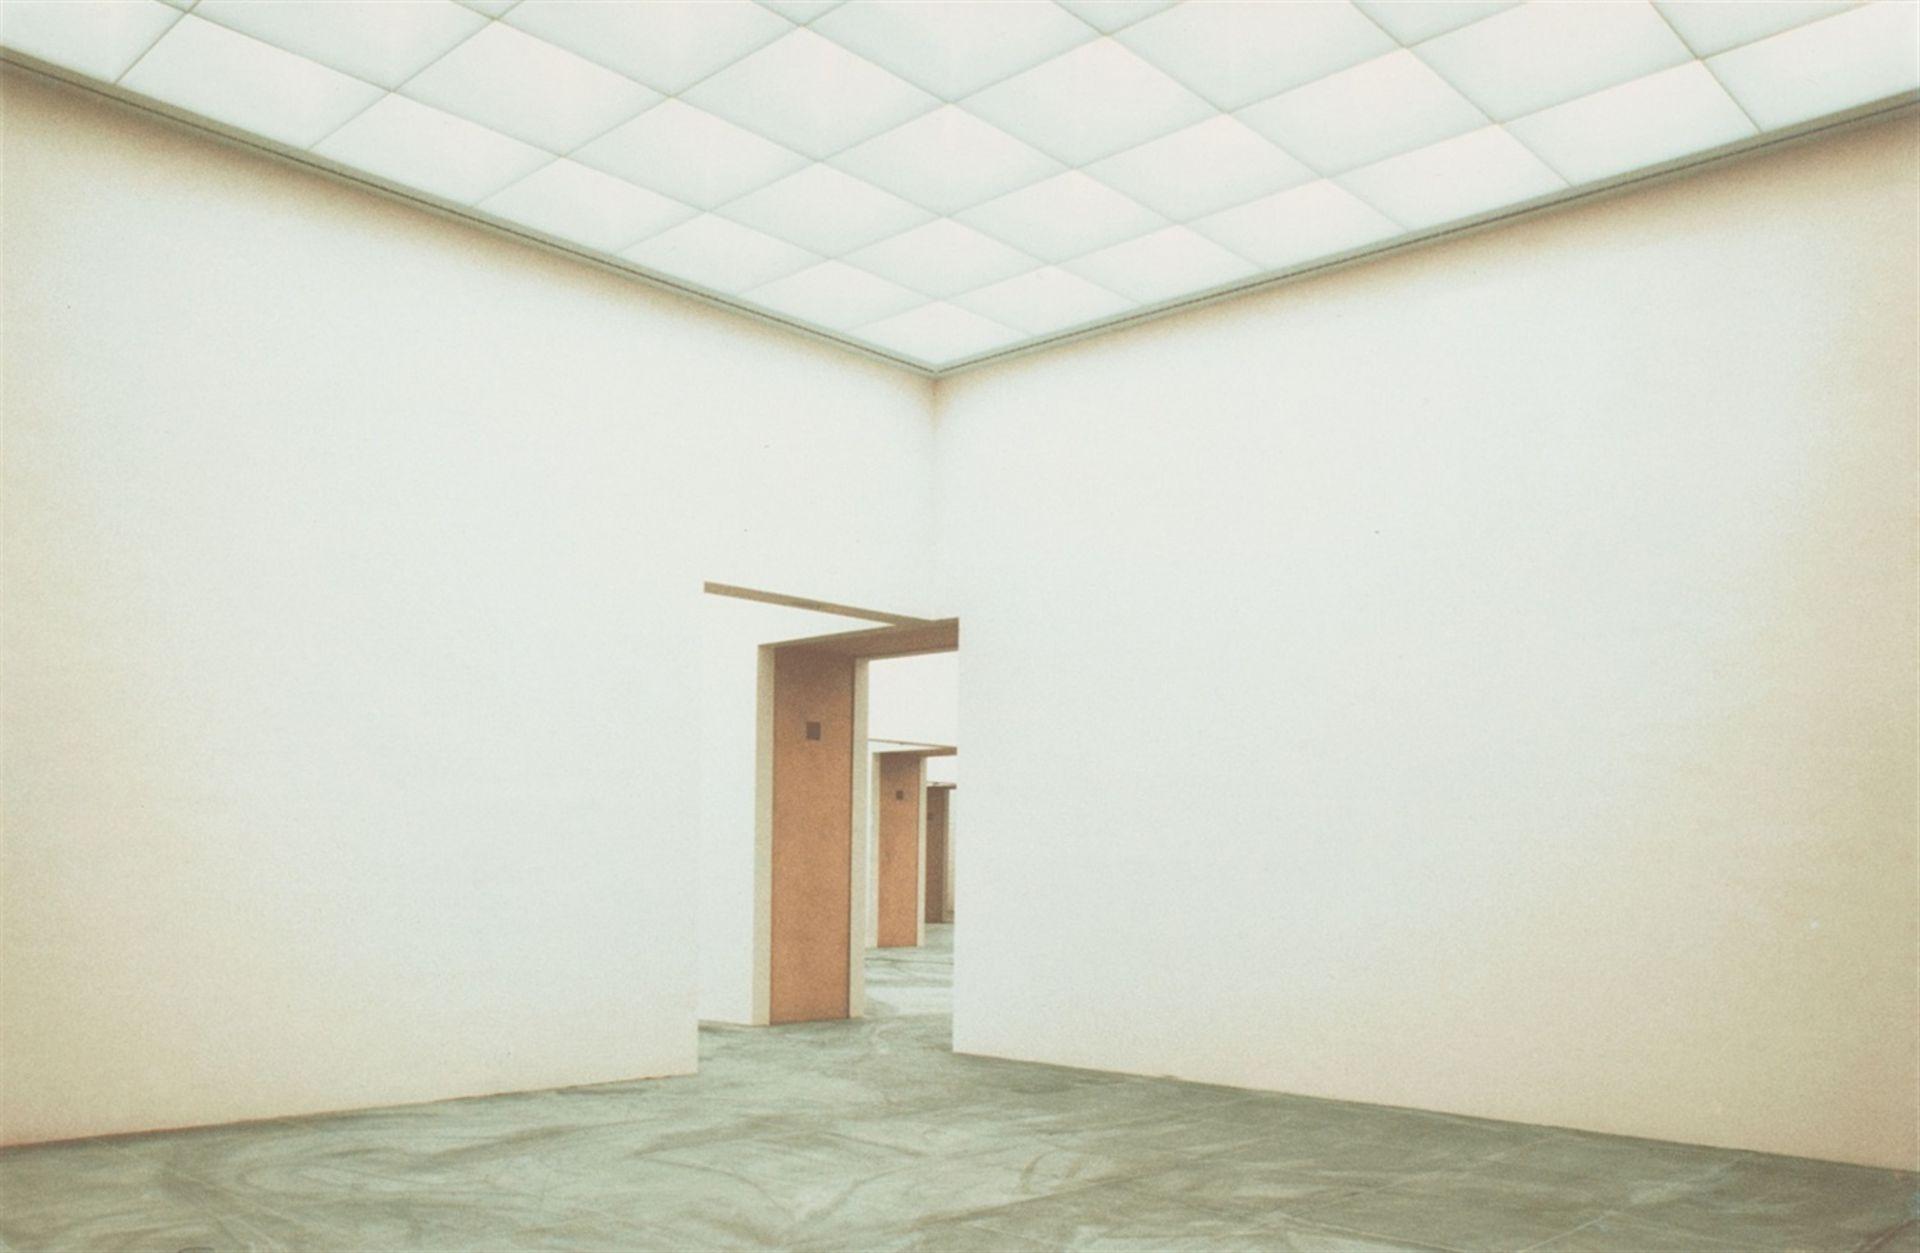 Elmgreen & DragsetOhne Titel (aus der Serie: Deutsche Museen) - Bild 2 aus 8